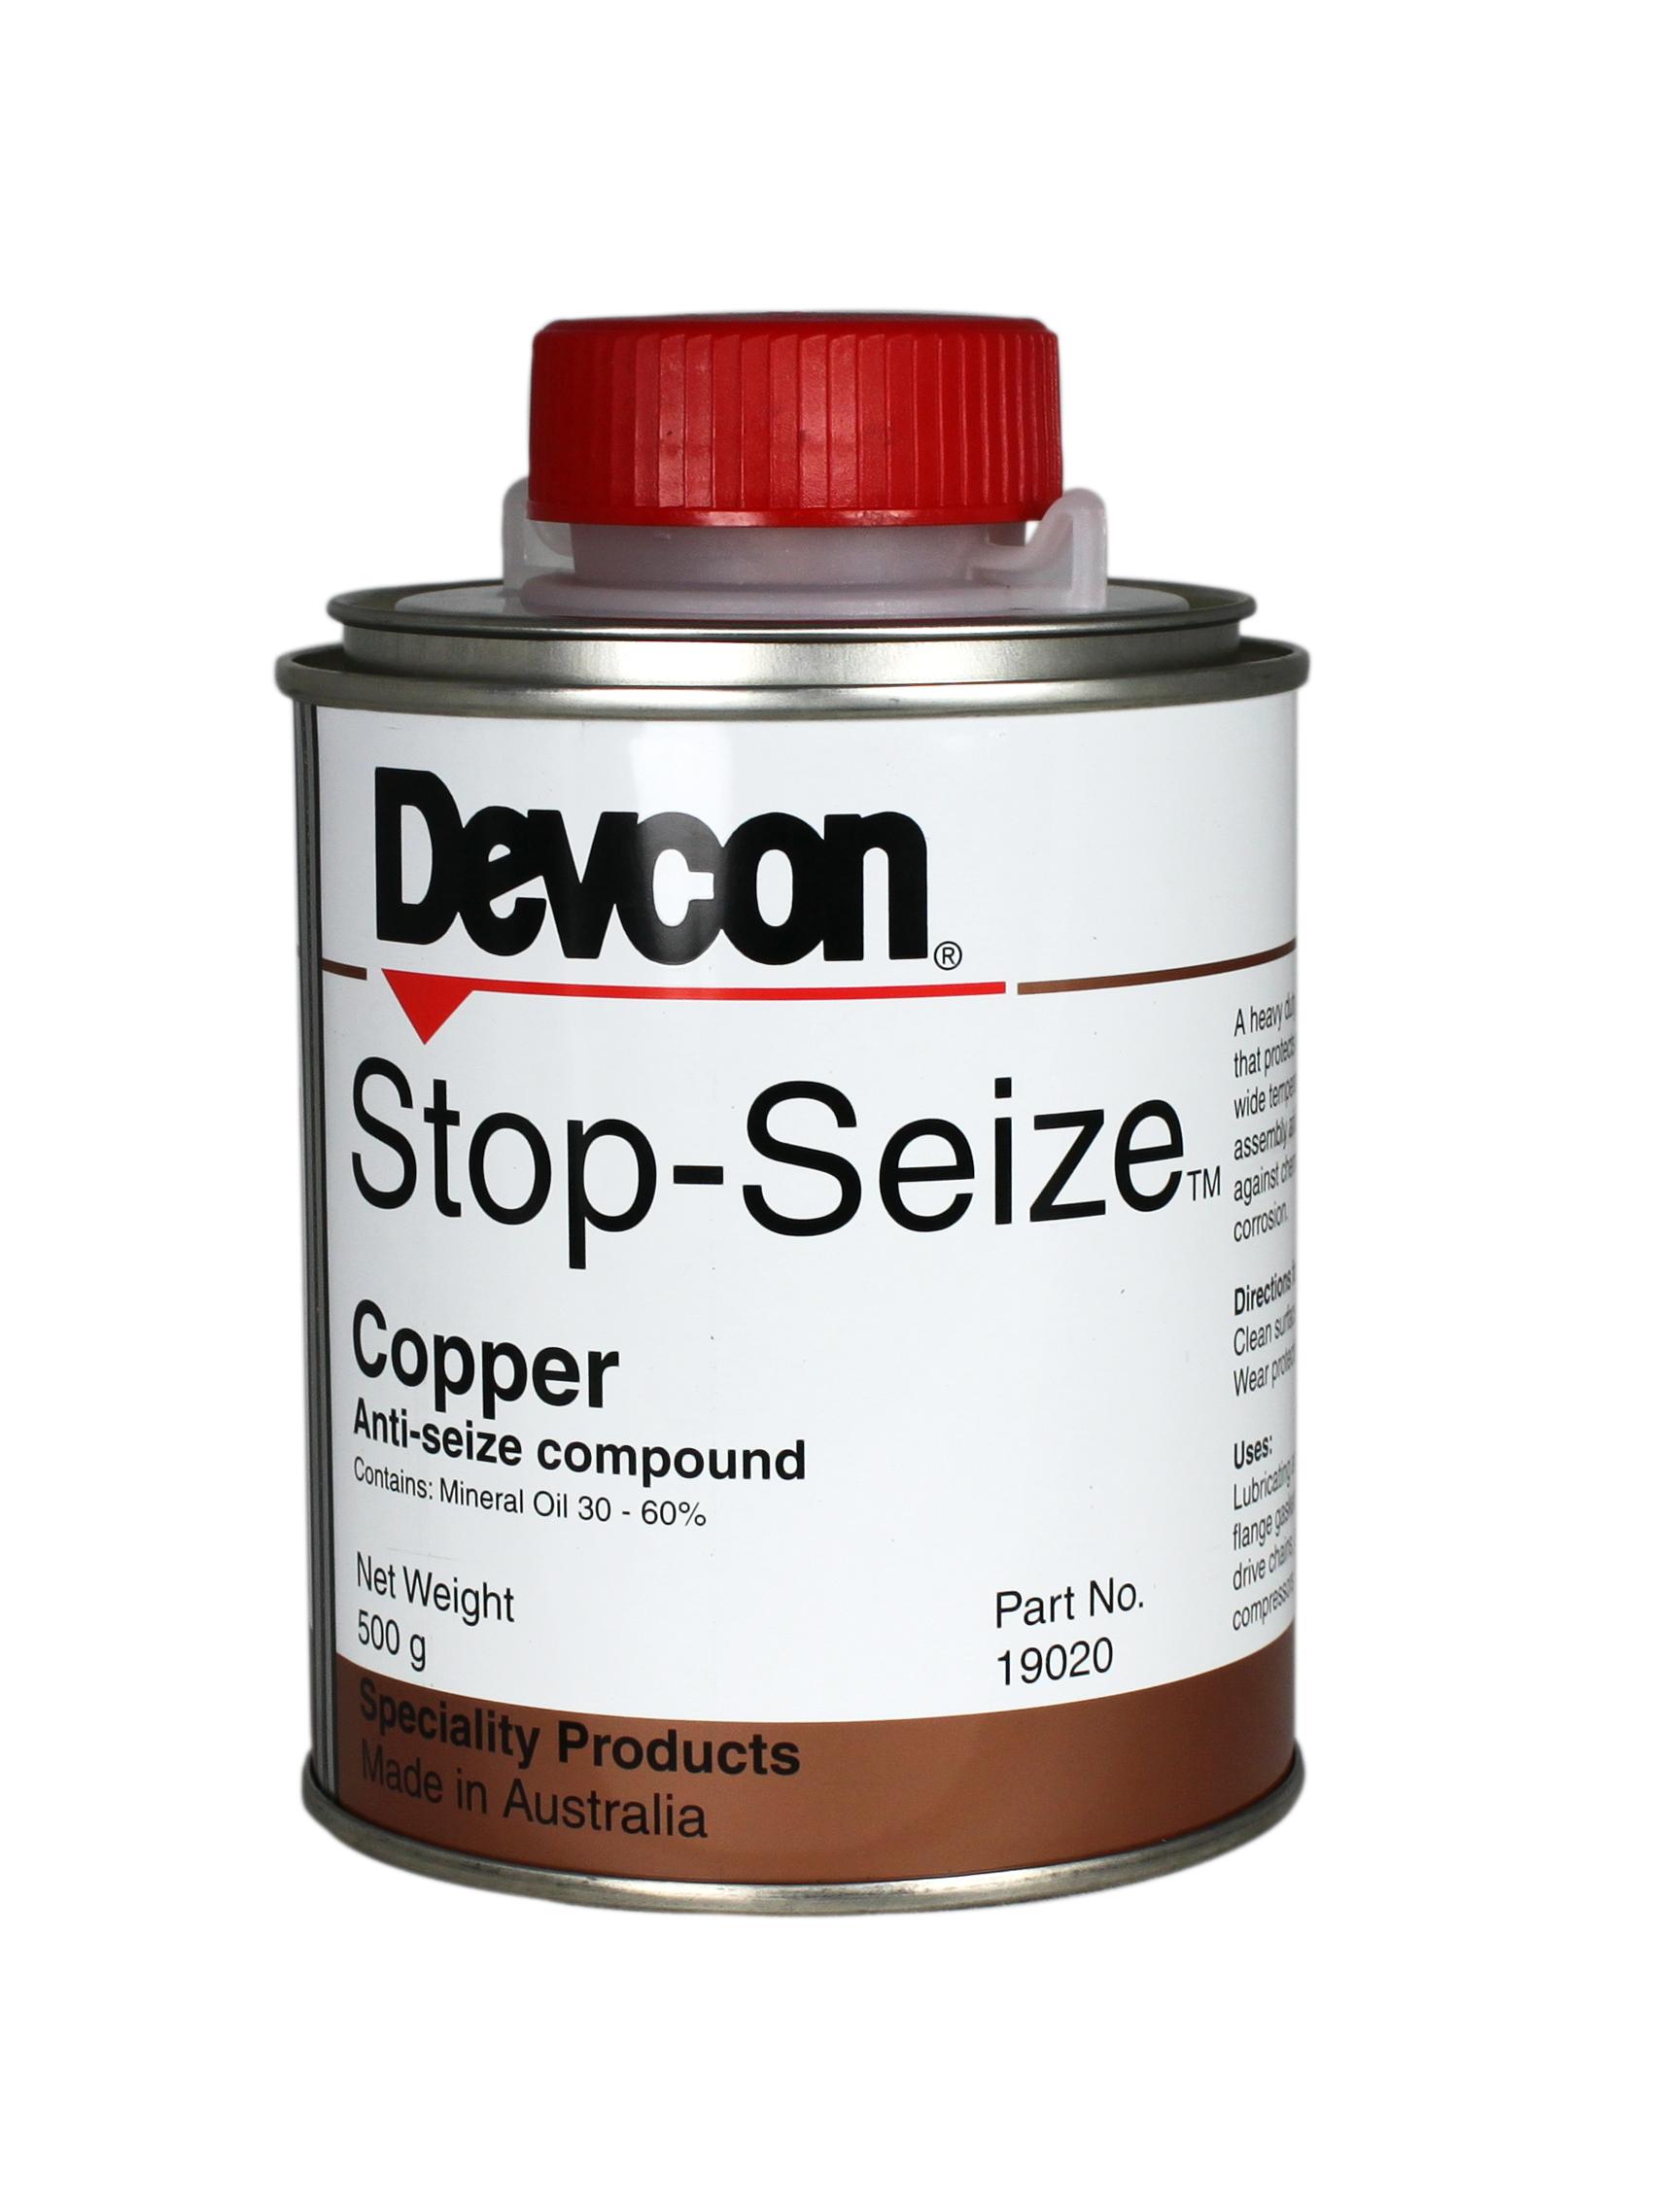 Devcon Stop Seize Copper – Heavy duty, high temperature anti-seize compound